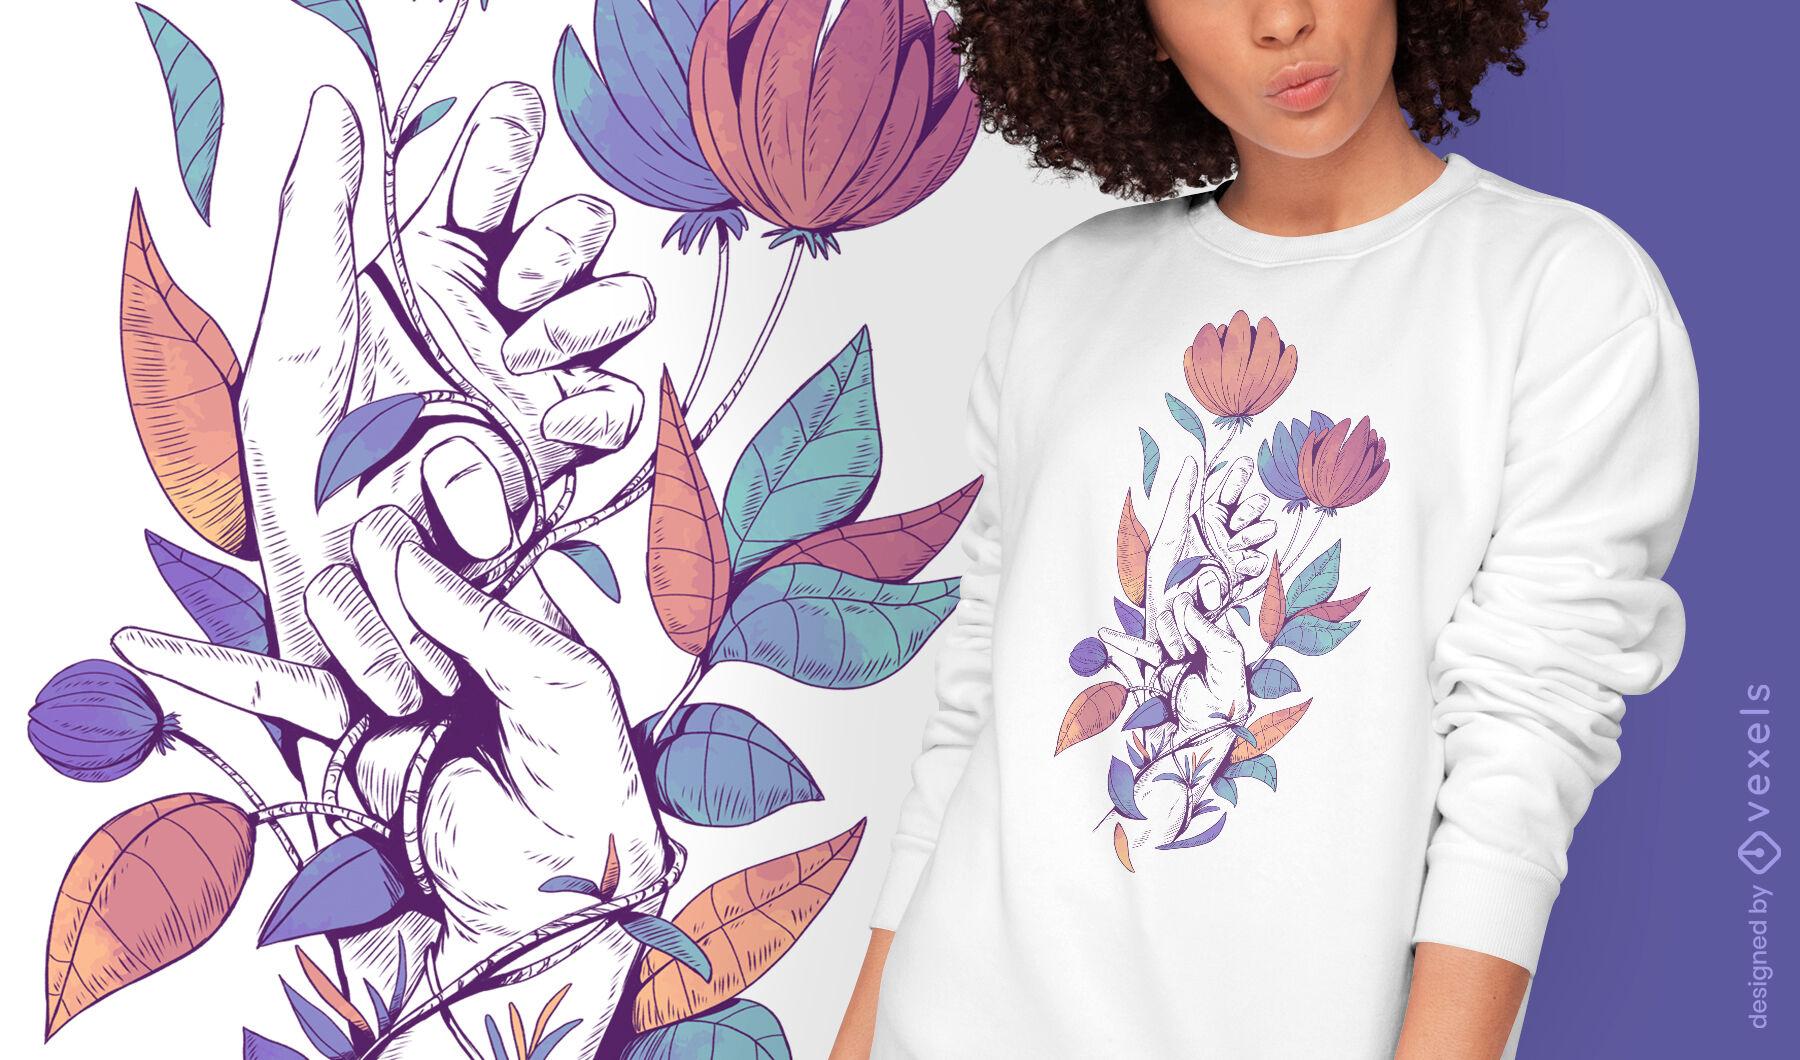 Diseño de camiseta psd de hojas y manos de color.